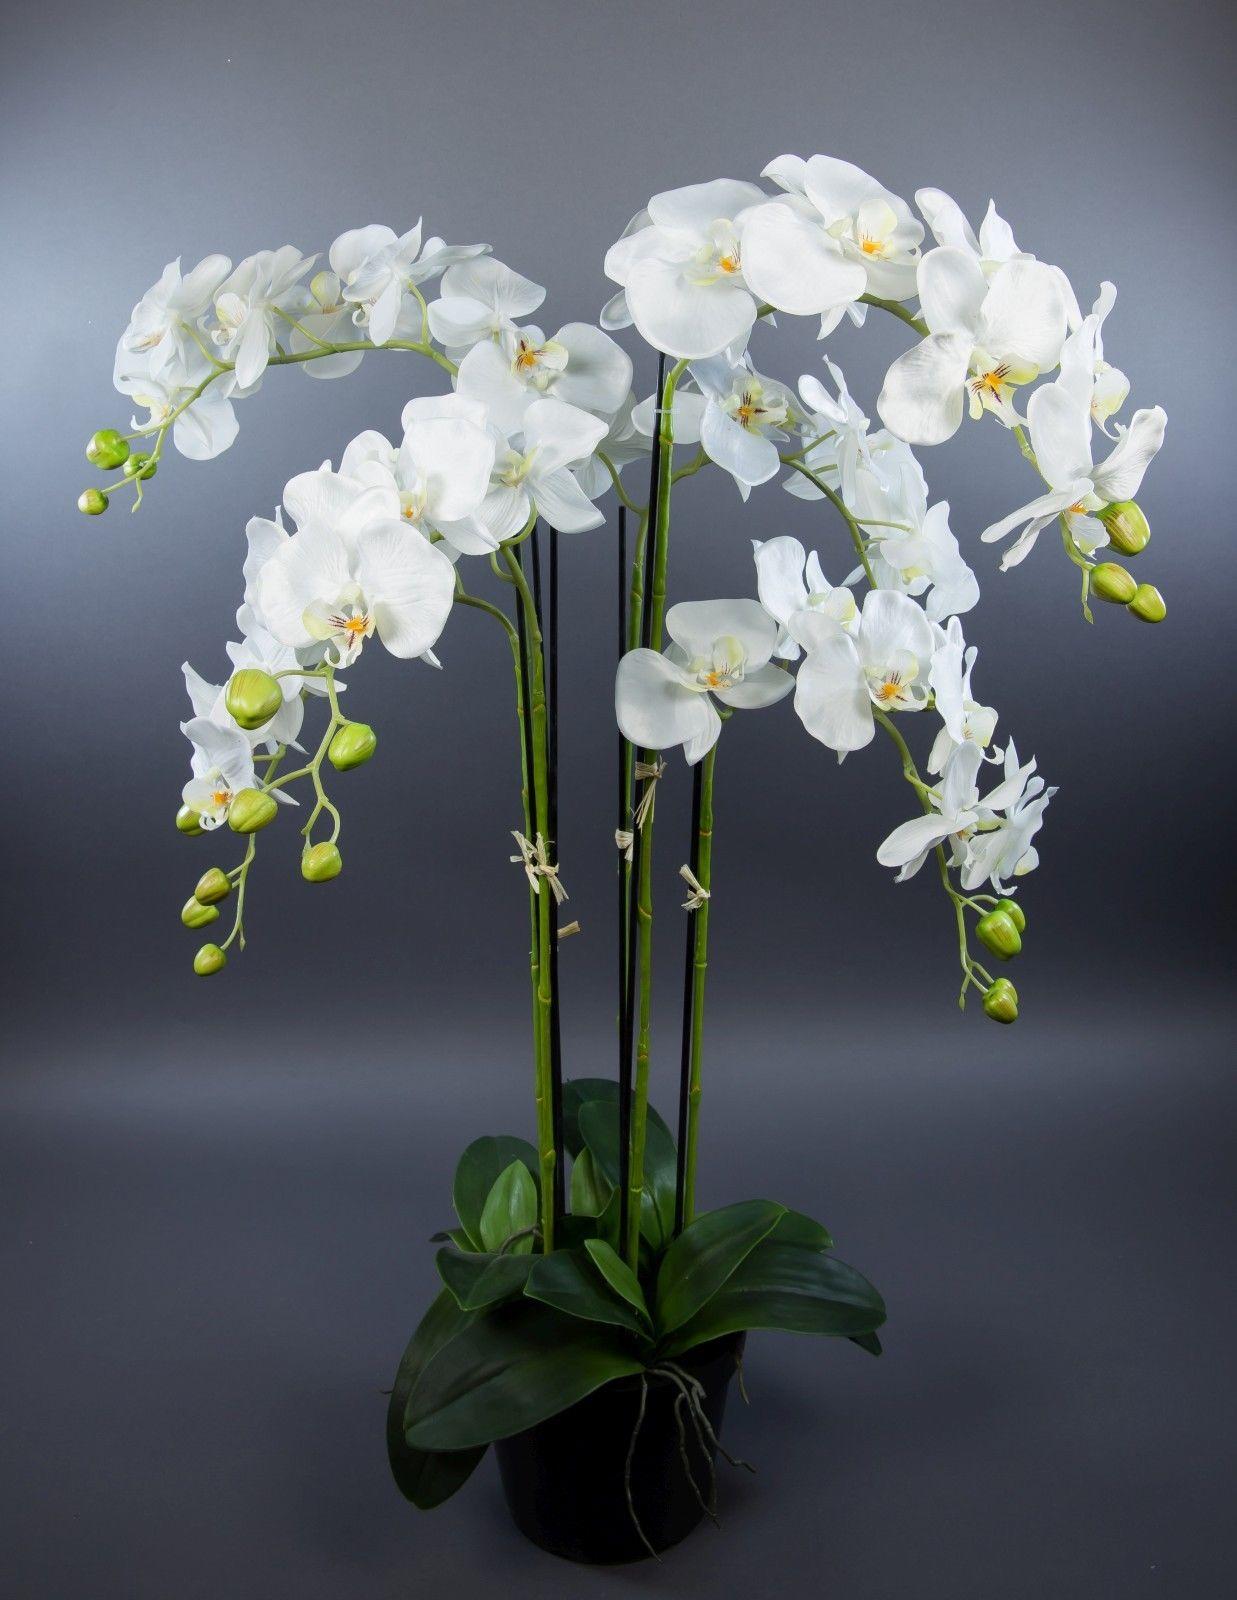 orchidee 90x60cm wei ga kunstpflanzen k nstliche blumen orchideen kunstblumen orchidee. Black Bedroom Furniture Sets. Home Design Ideas